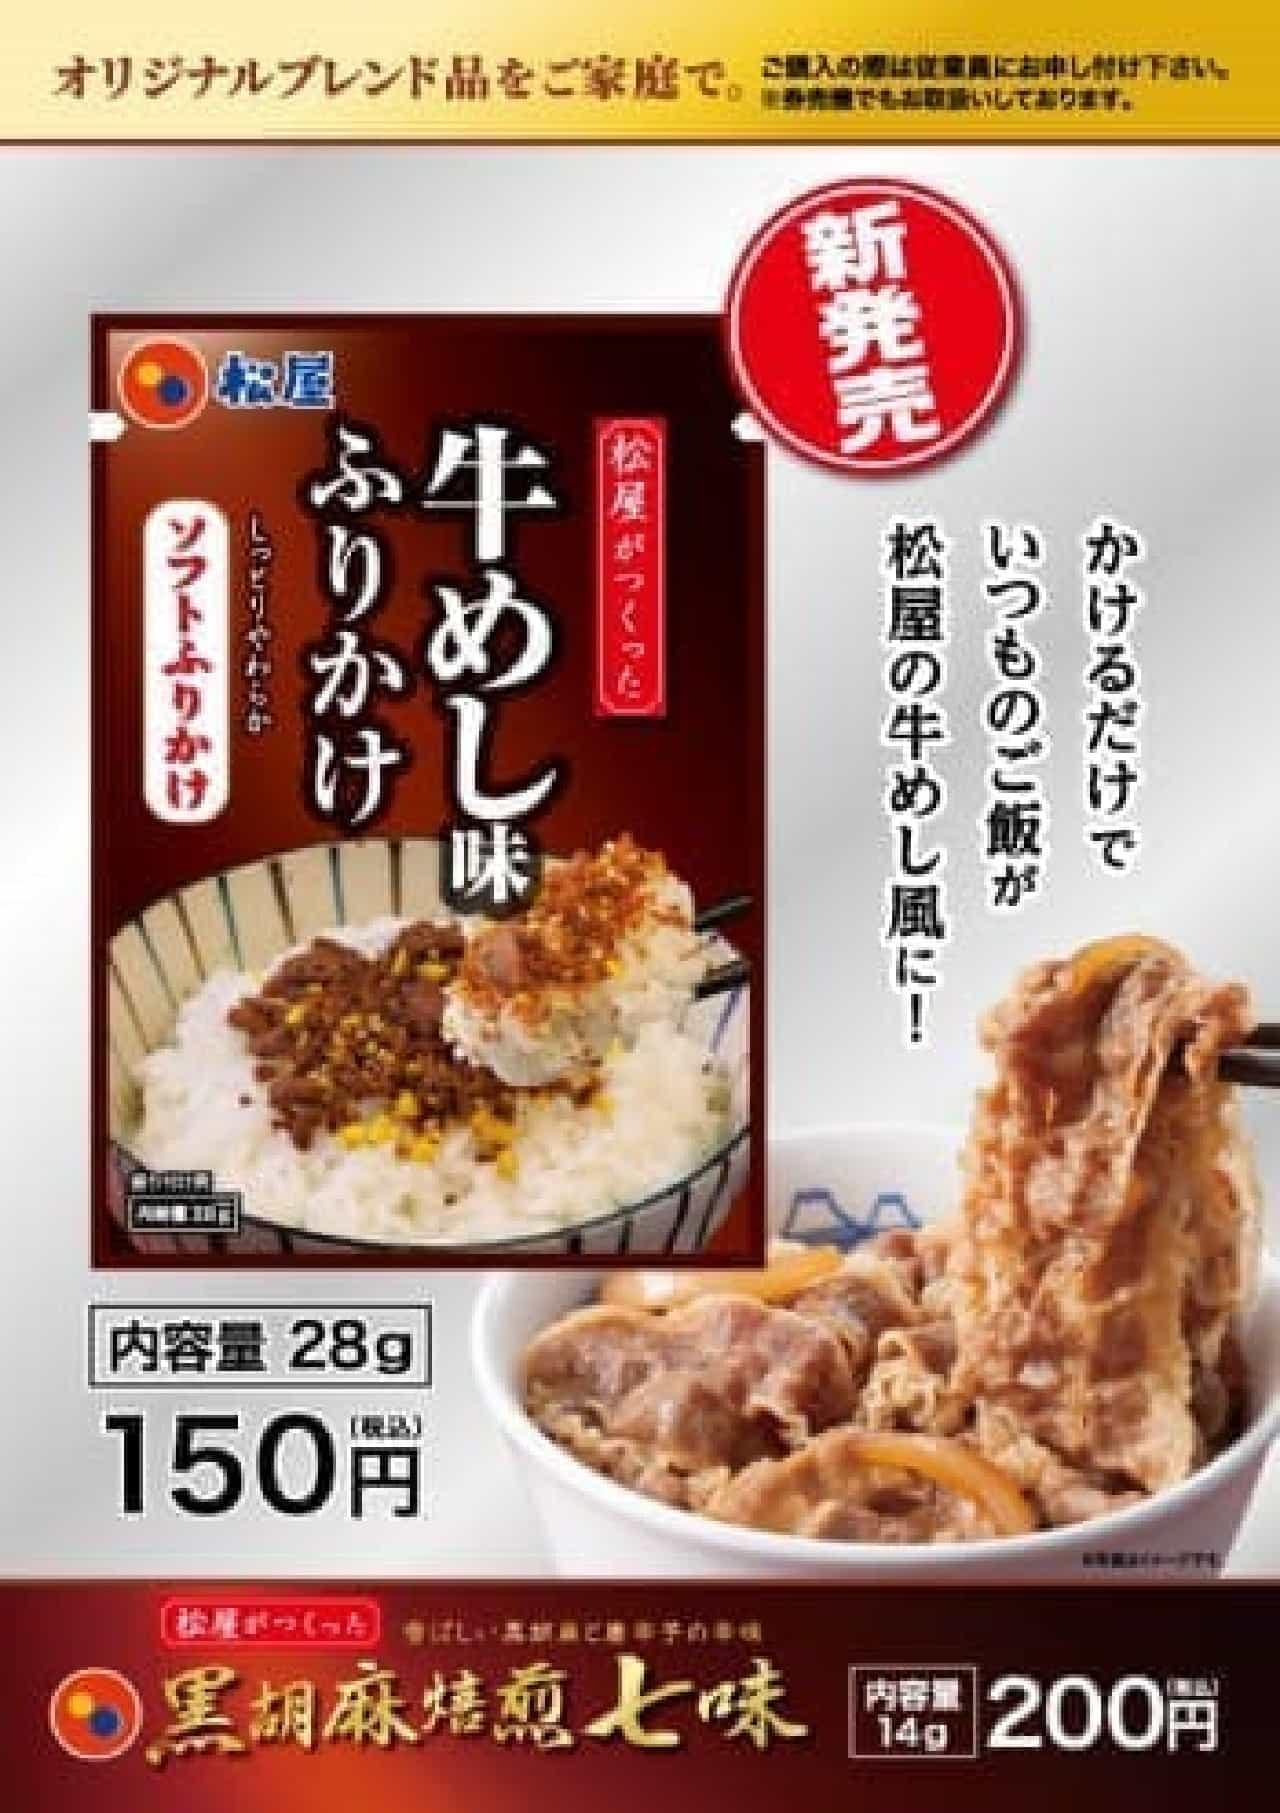 松屋「牛めし味ふりかけ」